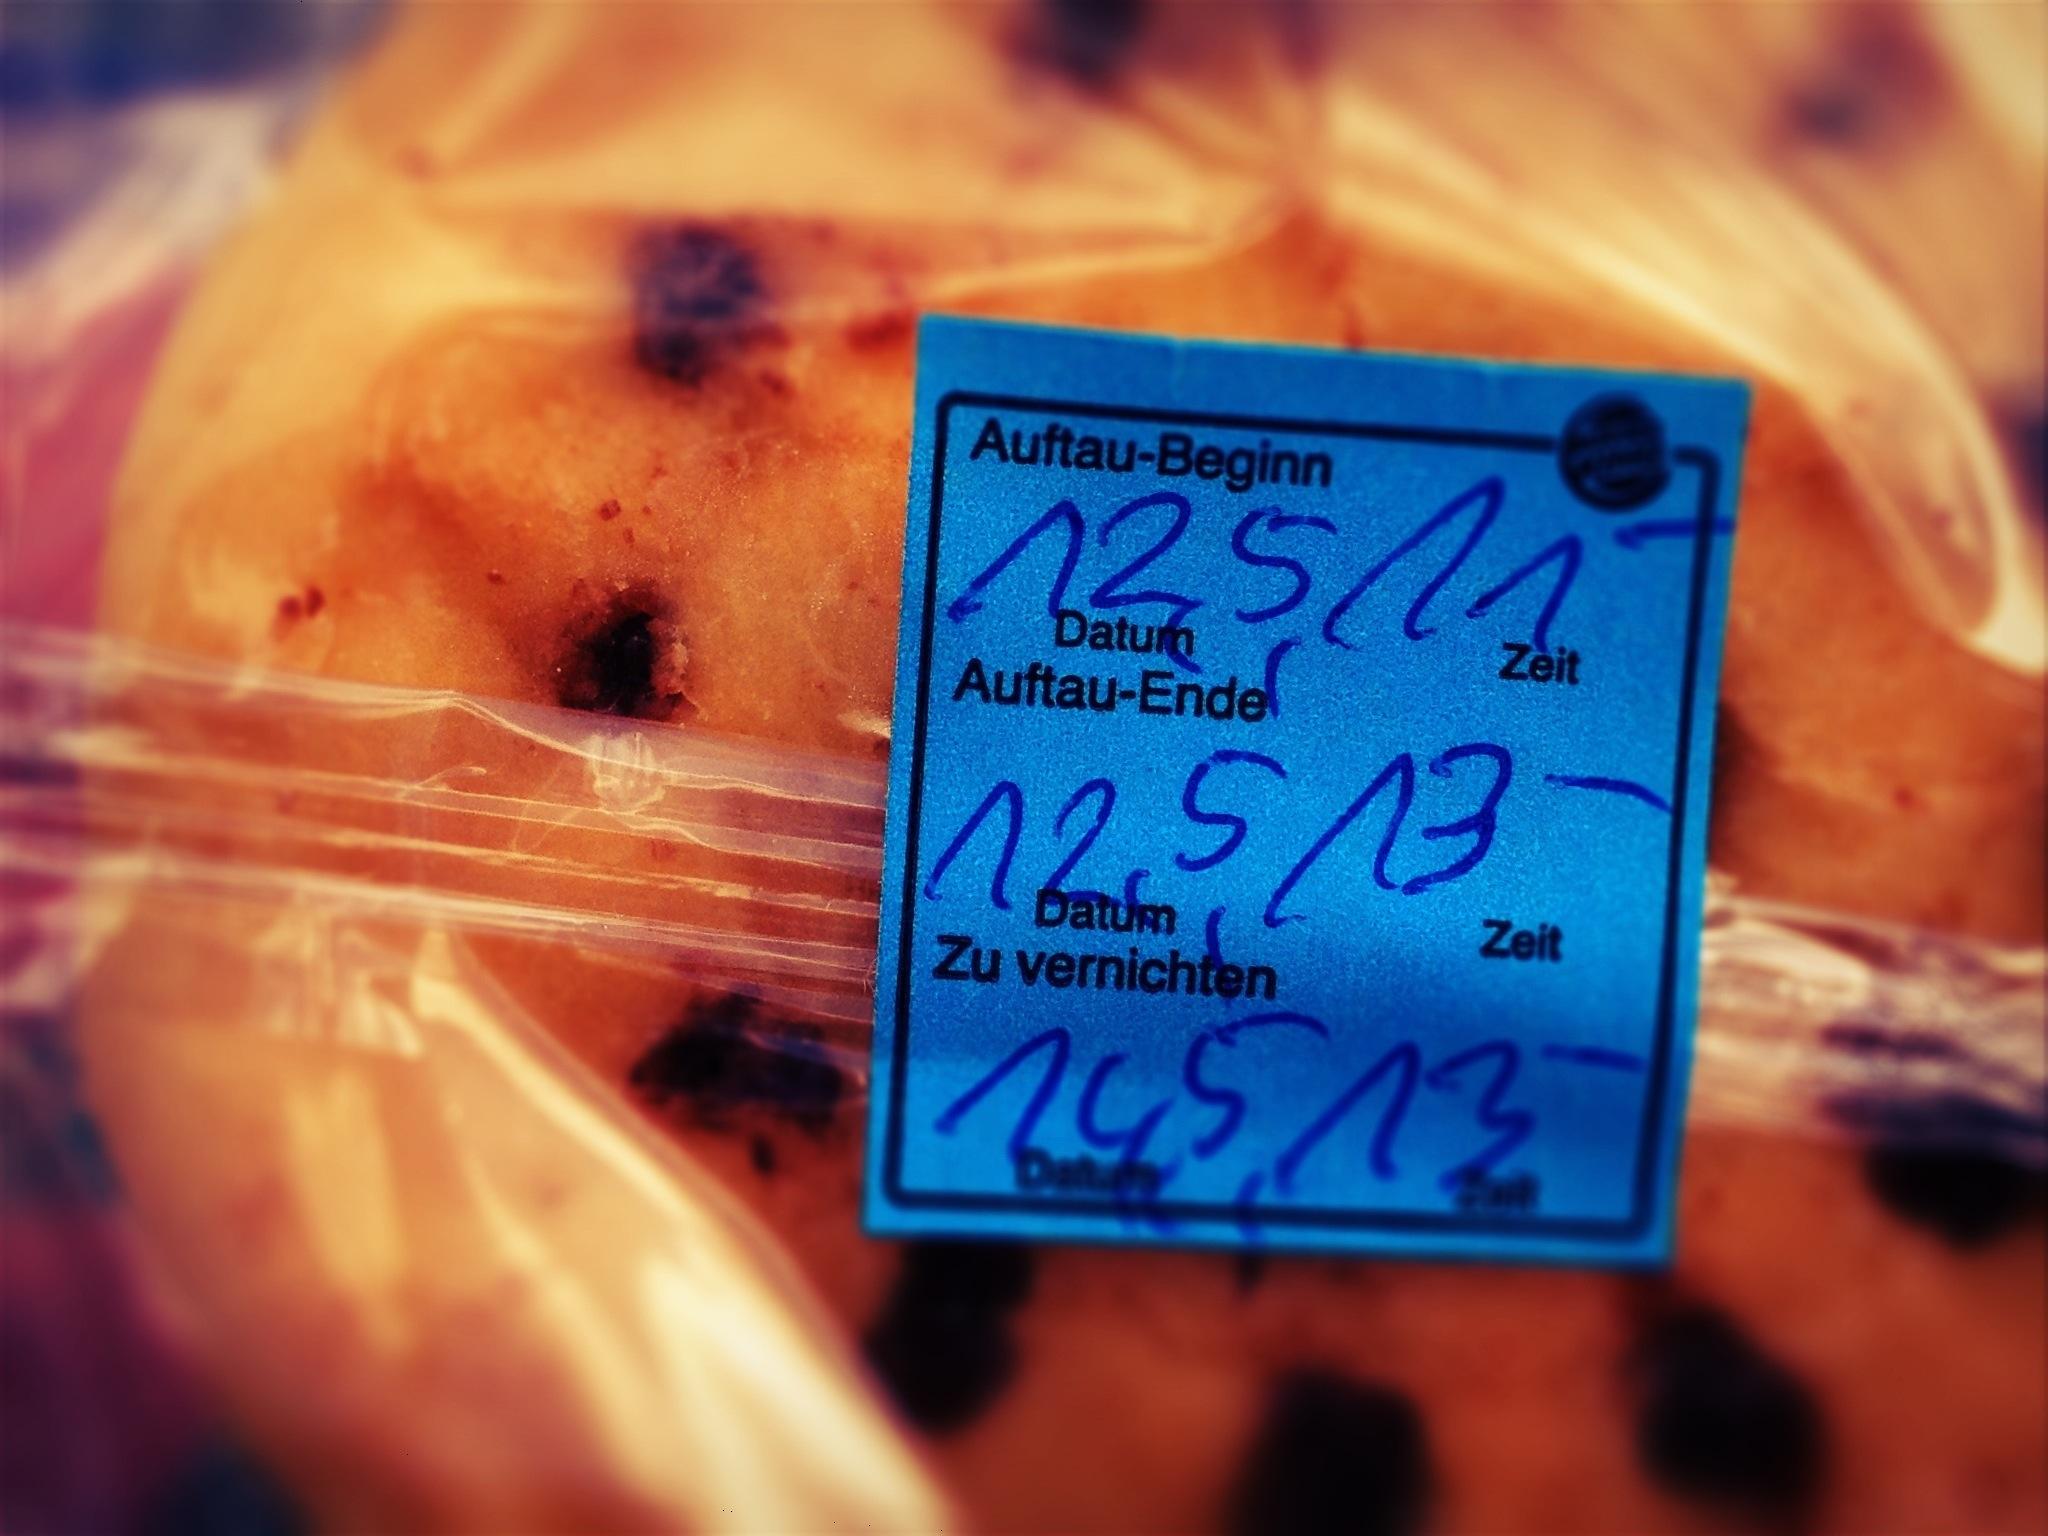 Haltbarkeitsaufkleber unter Fastfood-Donut: gerade aufgetaut.